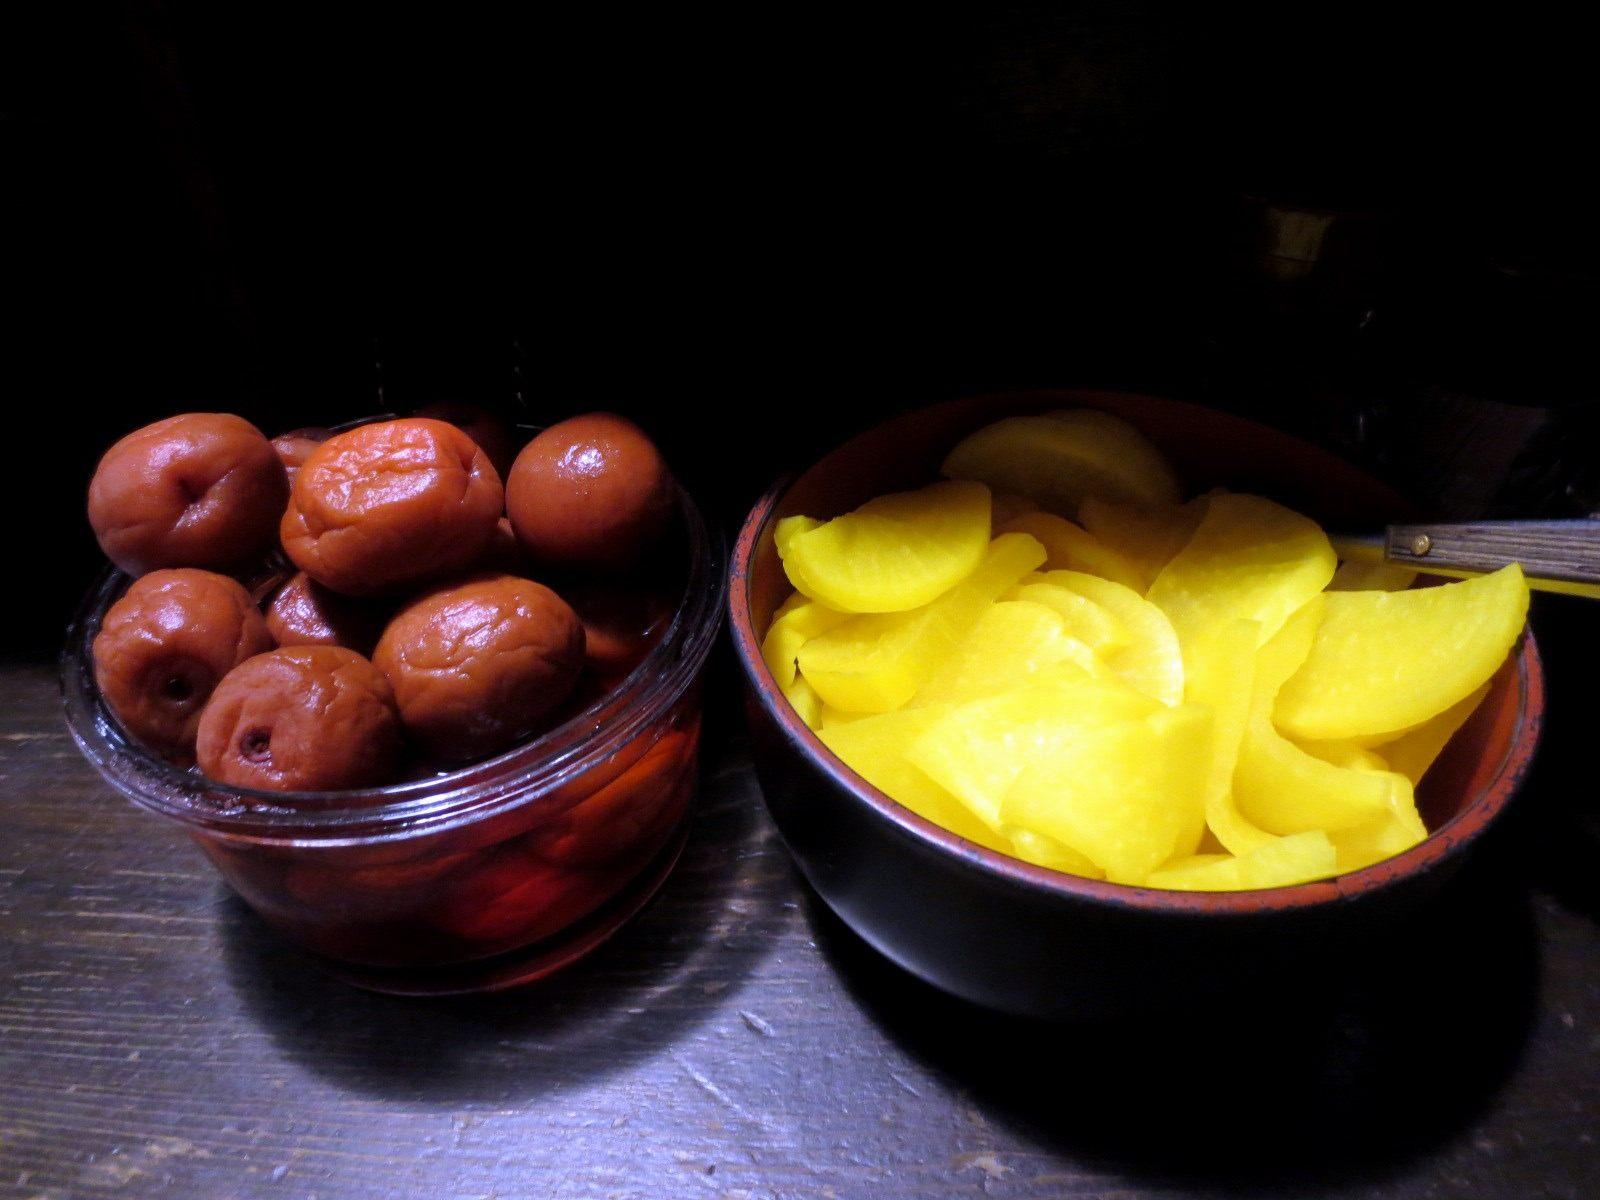 免费自取的腌梅子和腌黄萝卜